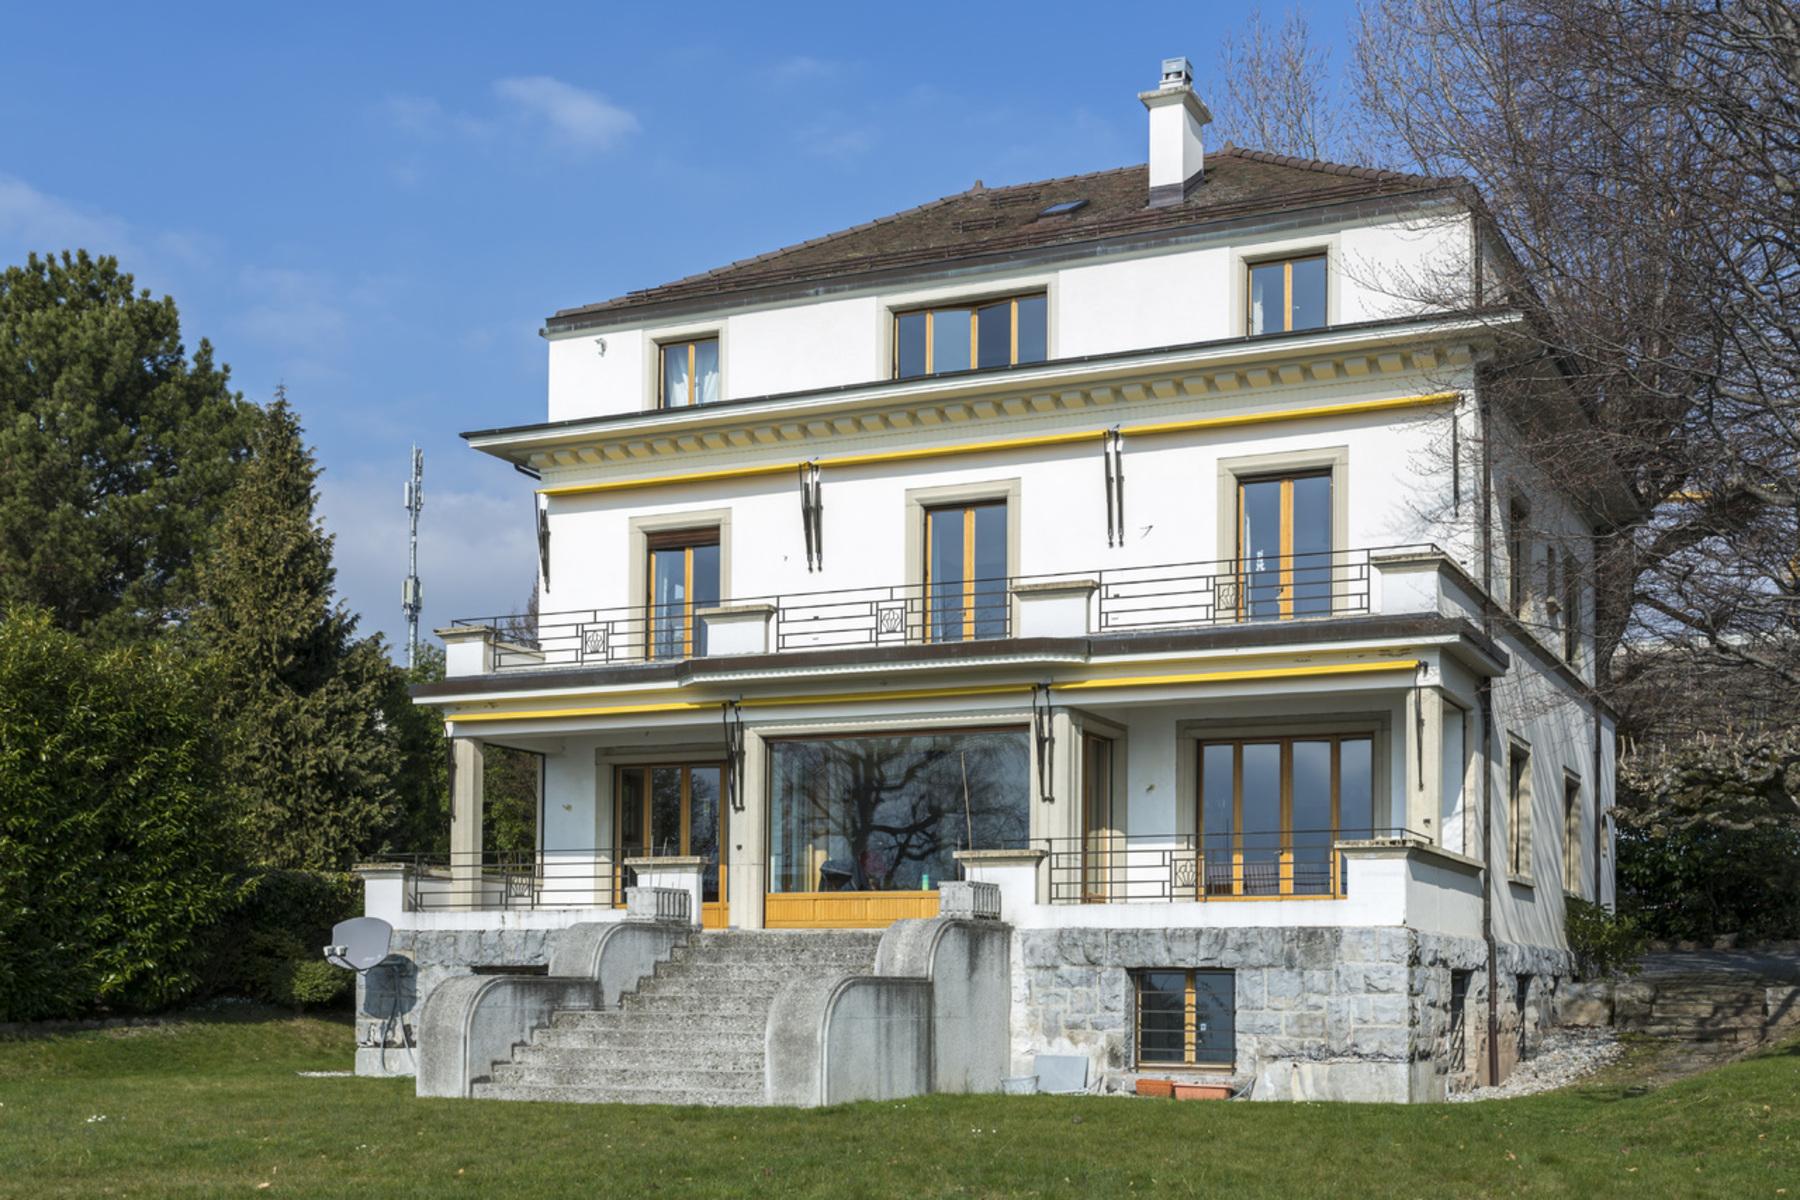 Single Family Home for Sale at 11 room waterfront mansion Private dock La Tour-de-Peilz La Tour-De-Peilz, Vaud, 1814 Switzerland